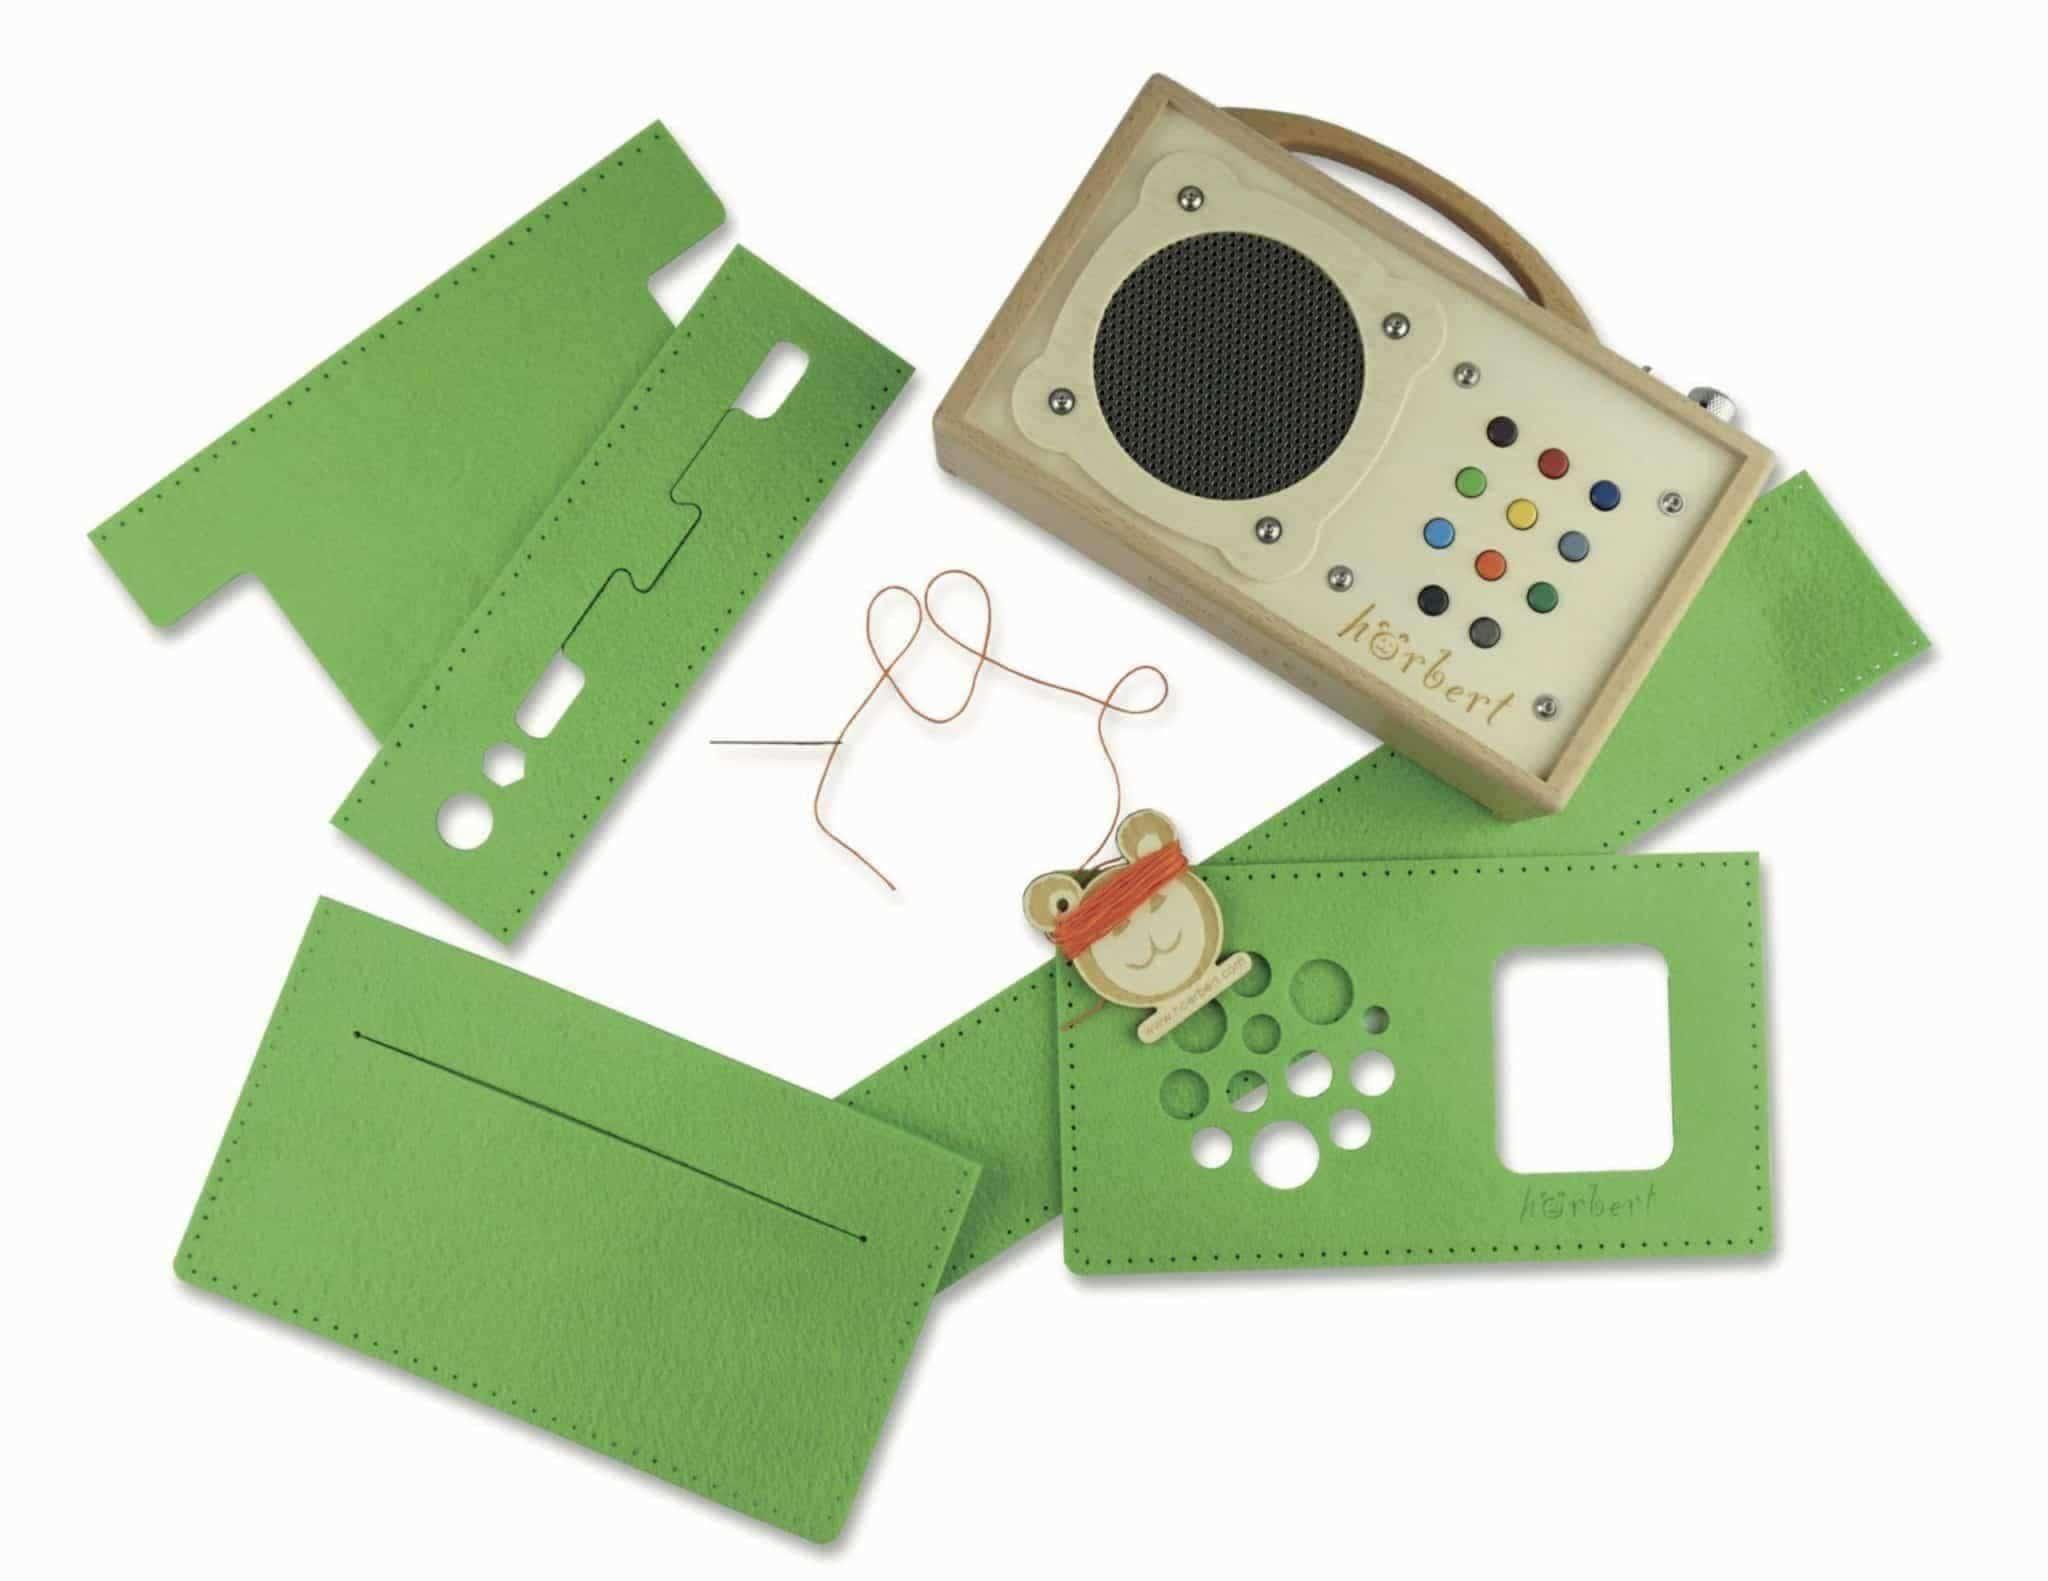 Sewing kit for a hörbert felt bag